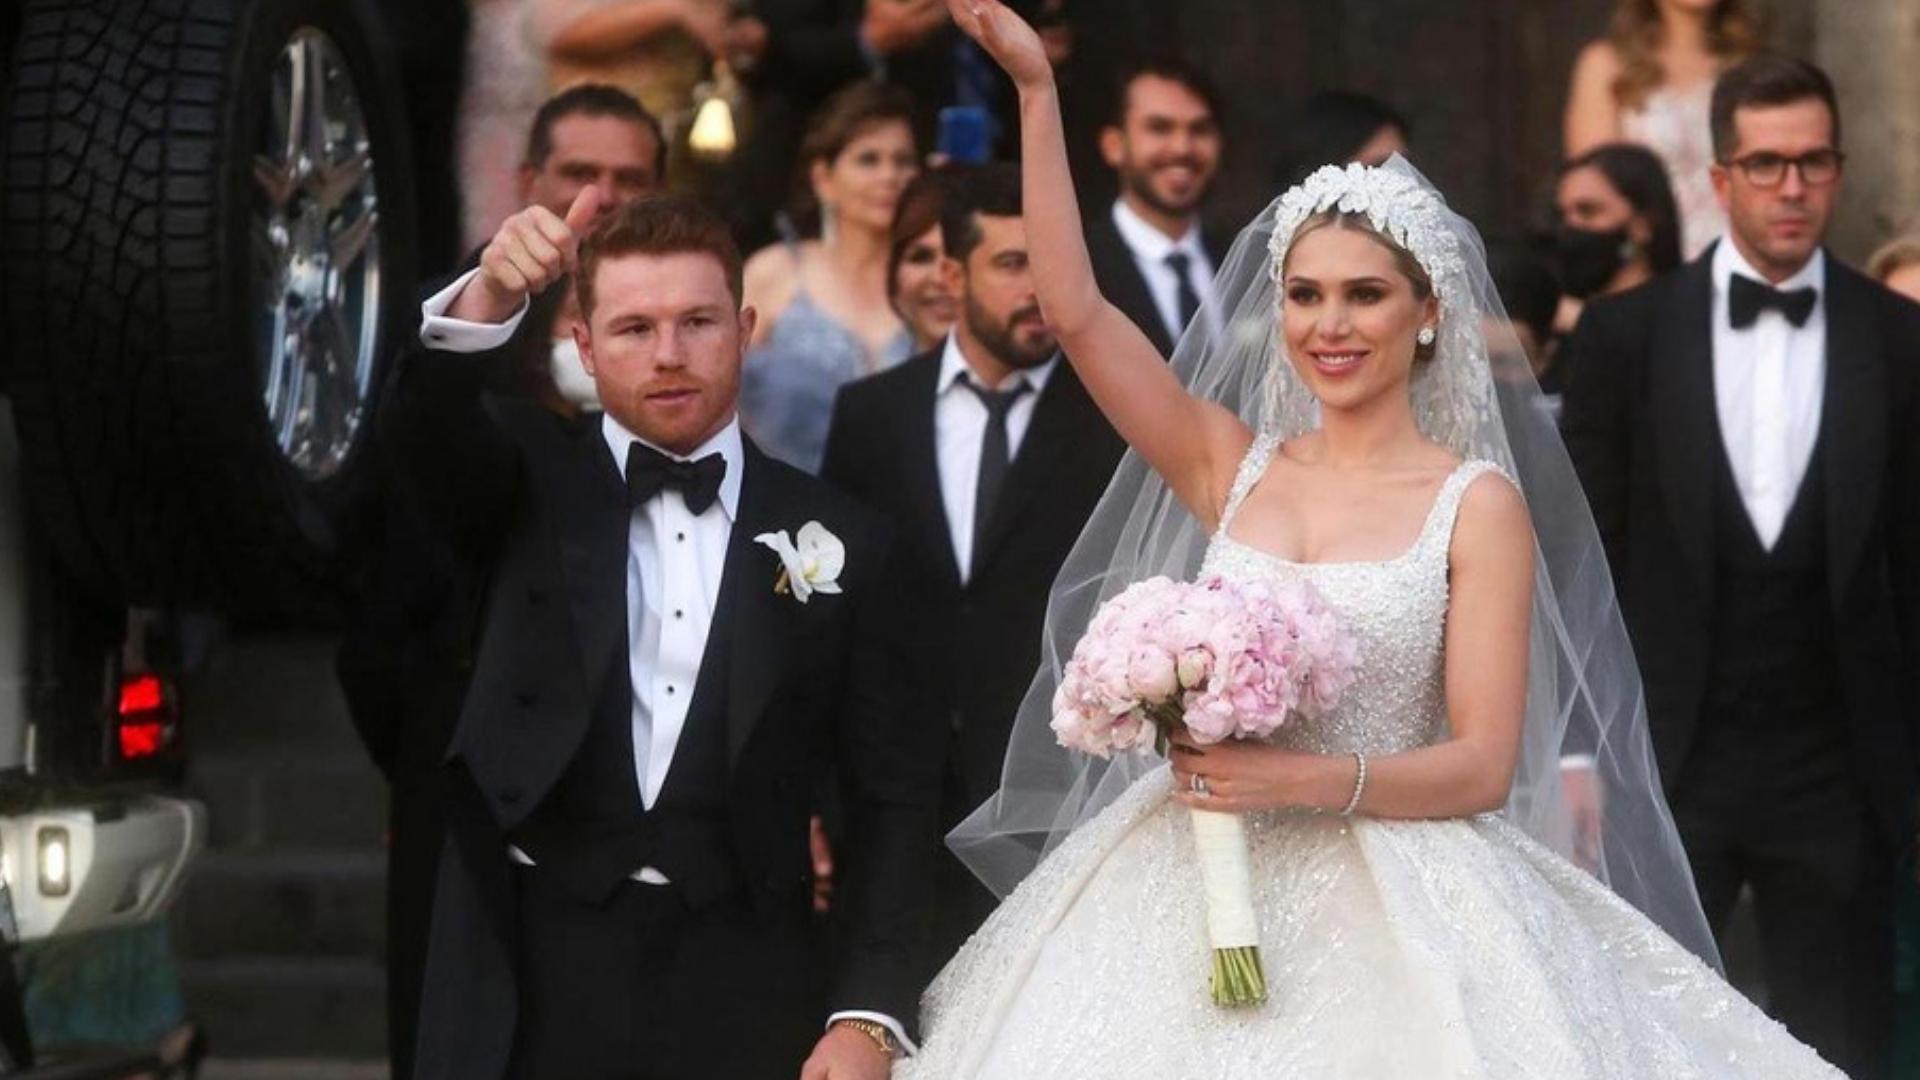 Canelo: Banda el Recodo y Los Ángeles Azules en su boda